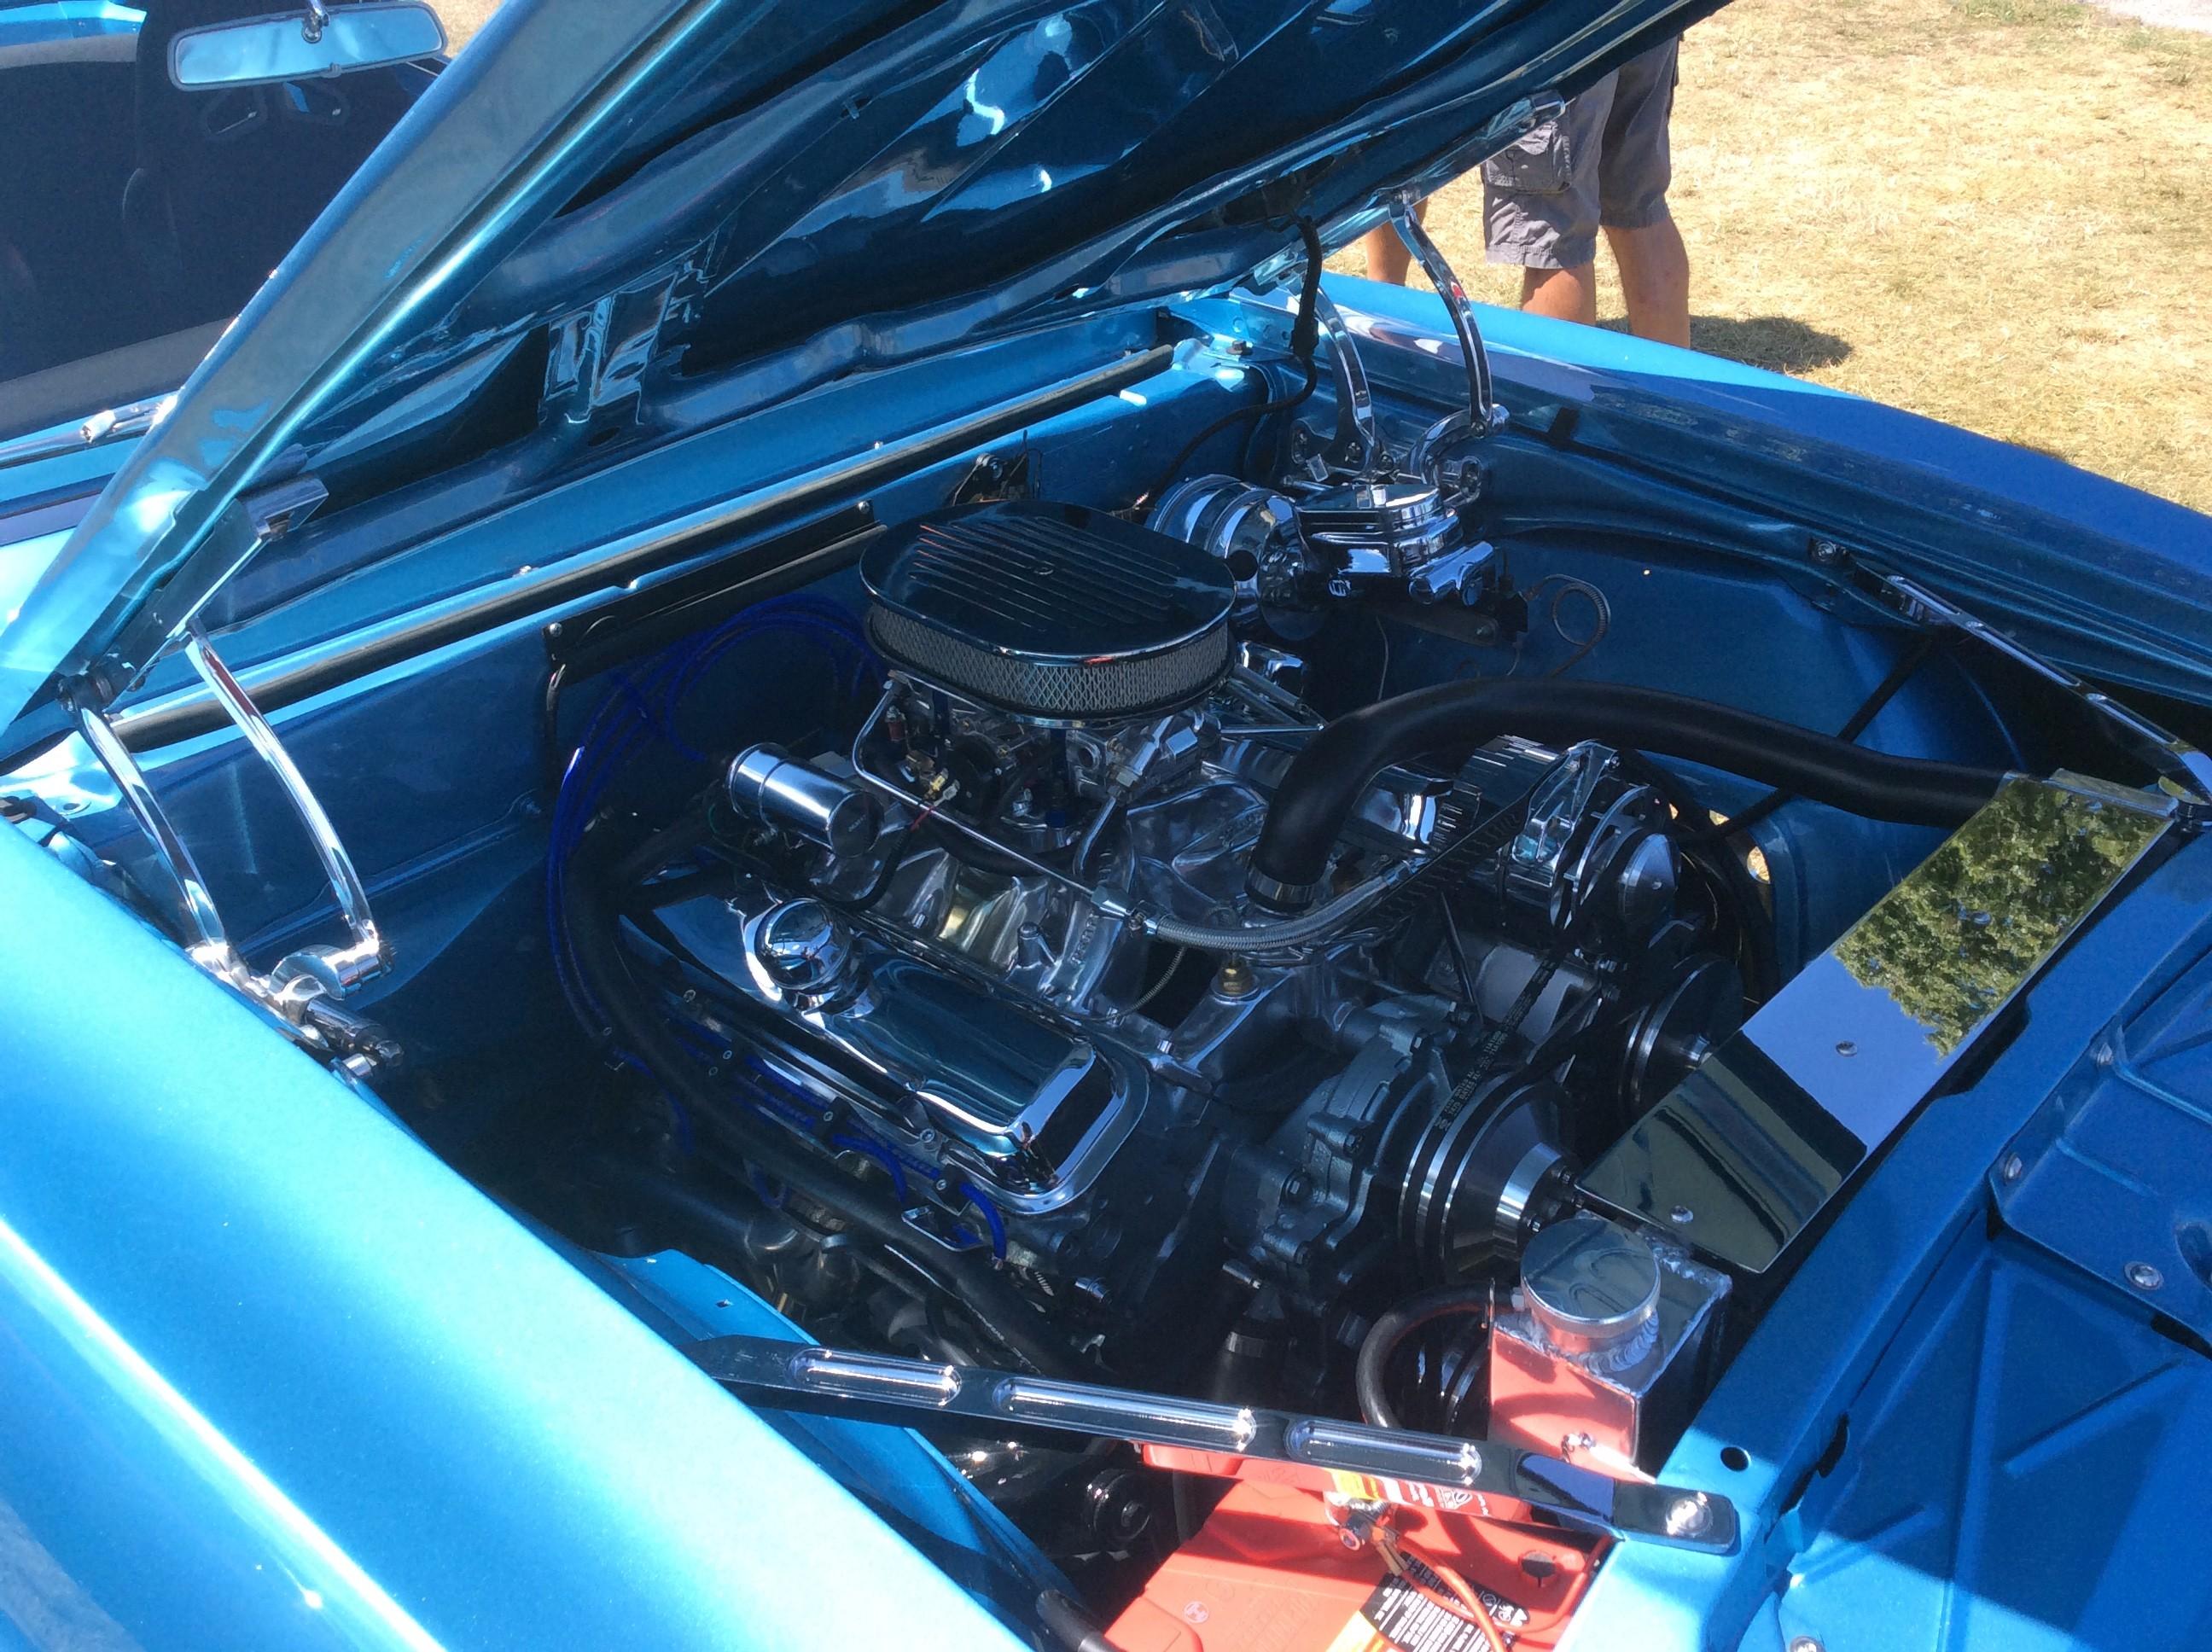 Ron 7 67 Engine